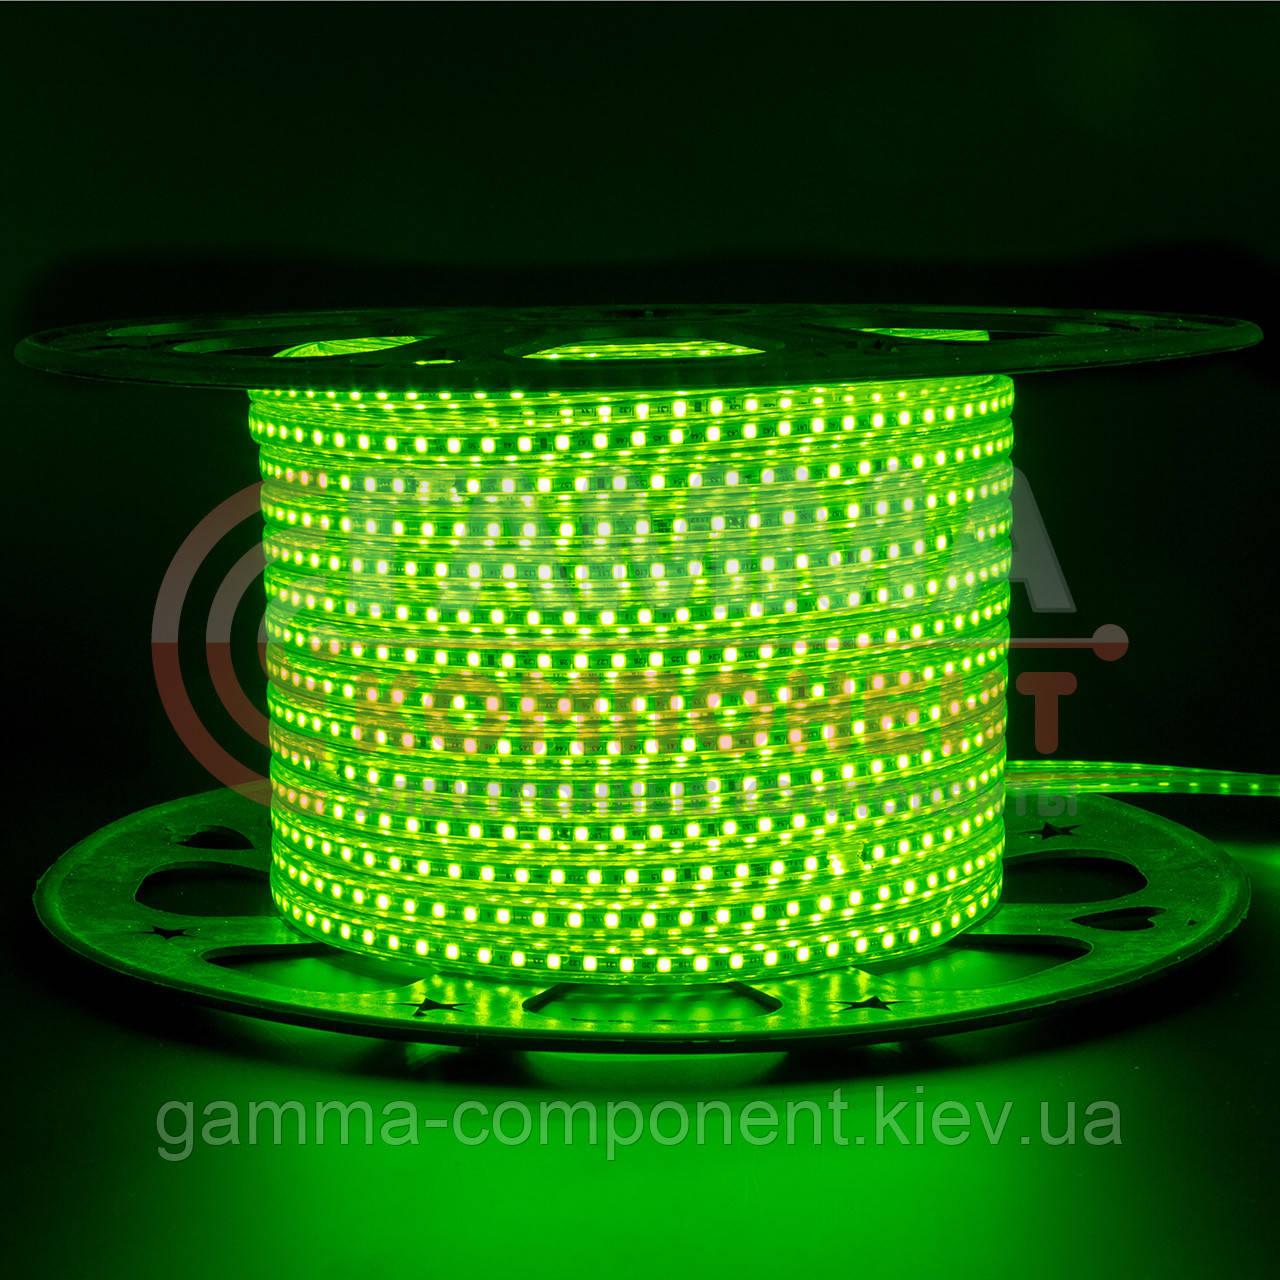 Светодиодная лента 220В зеленая AVT smd 2835-120 лед/м 4Вт/м, герметичная. Бухта 50 метров.